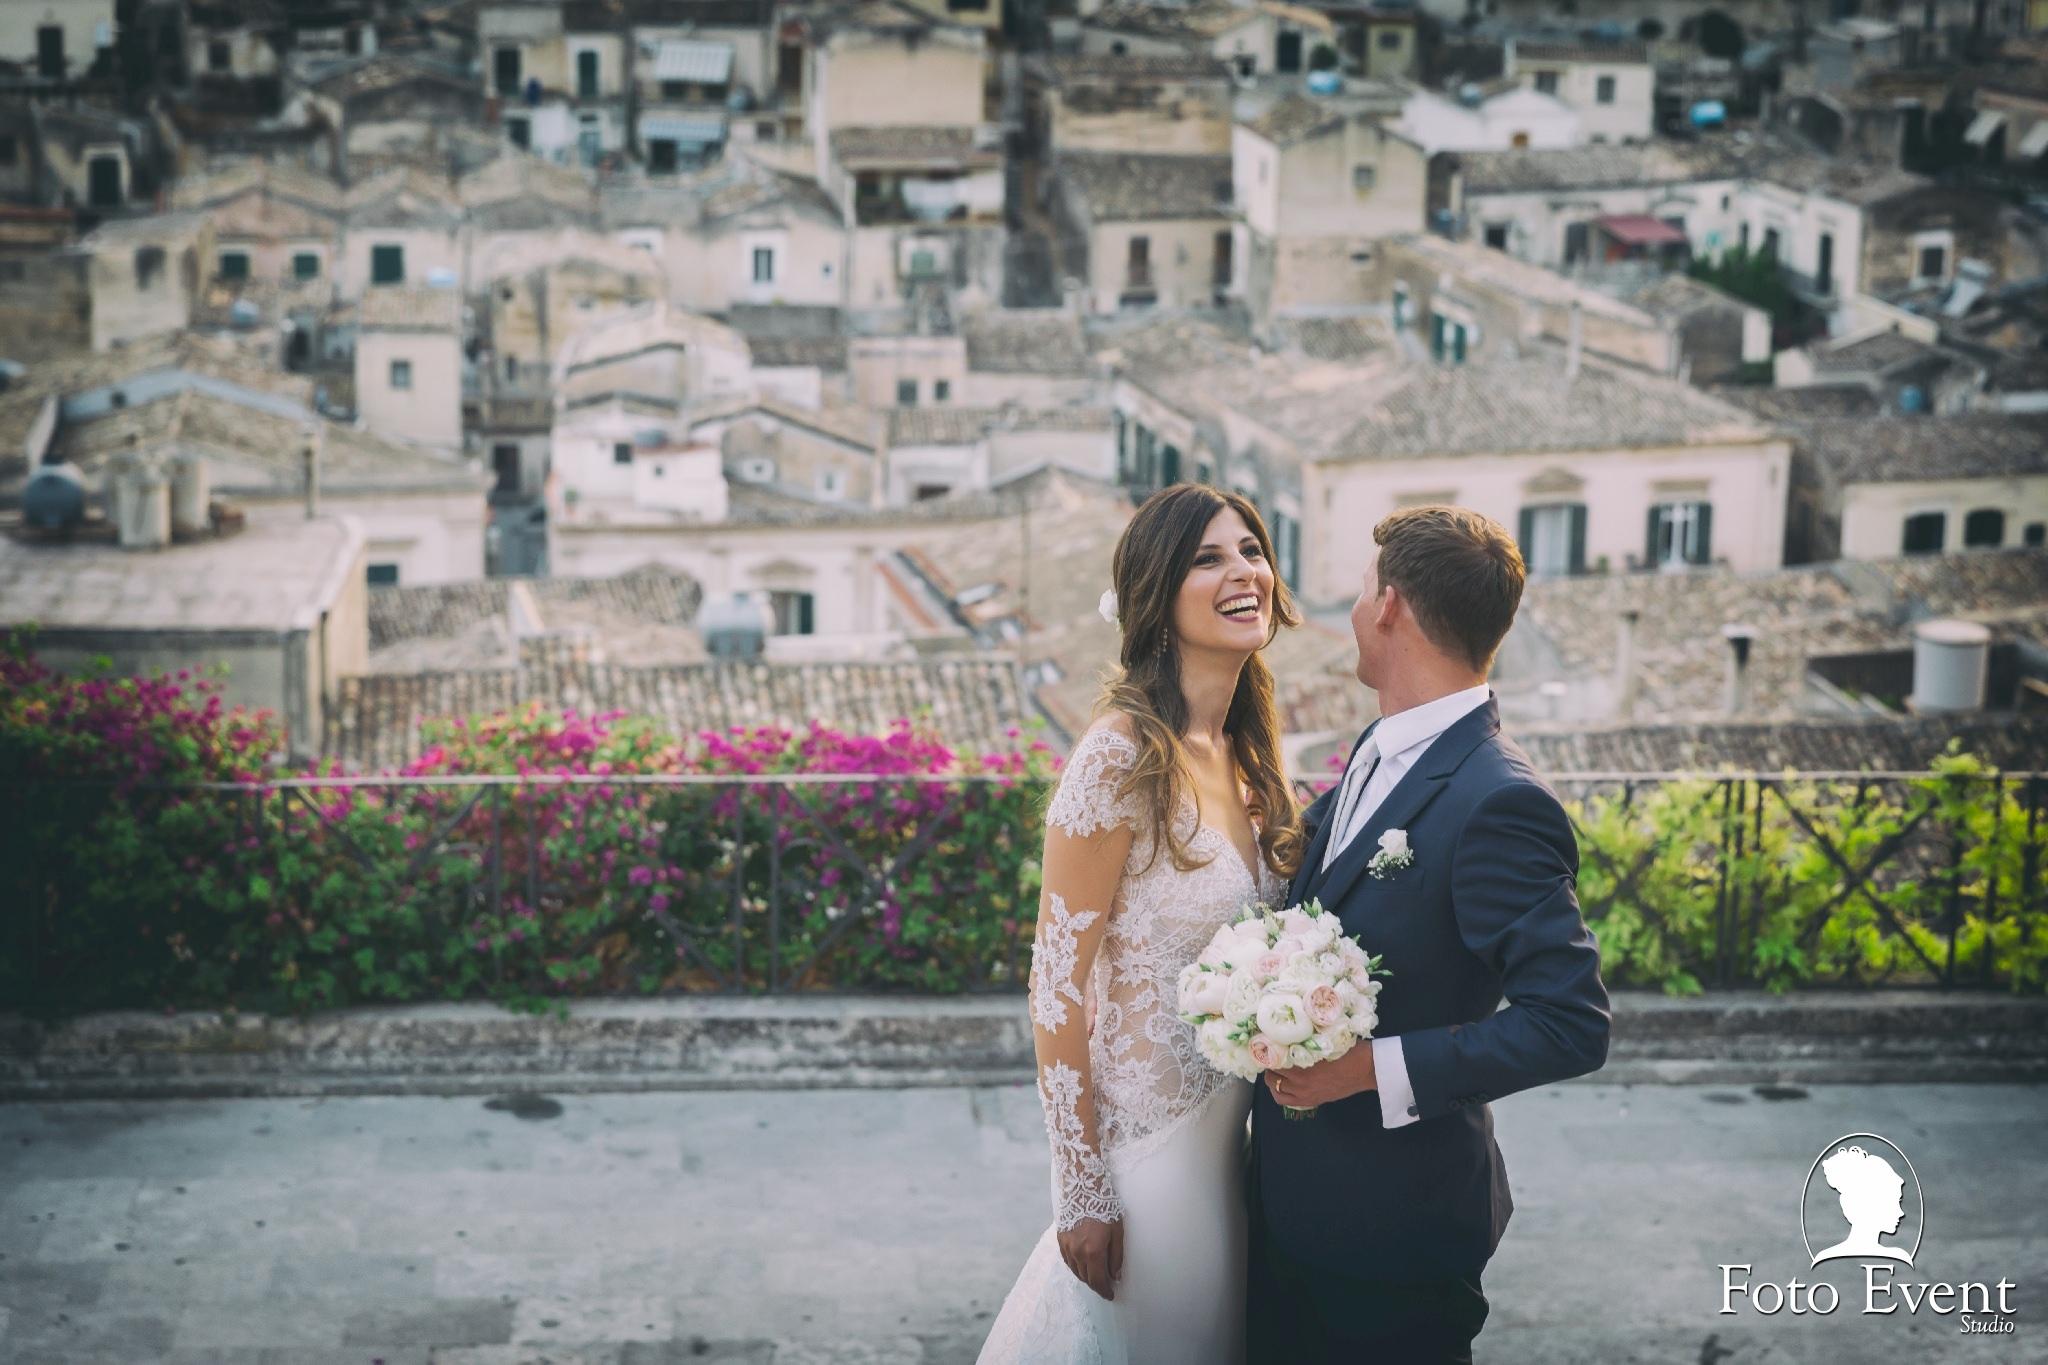 2017-07-21 Matrimonio Adriana e Giuseppe Dorsi 5DE 1412 CD FOTO